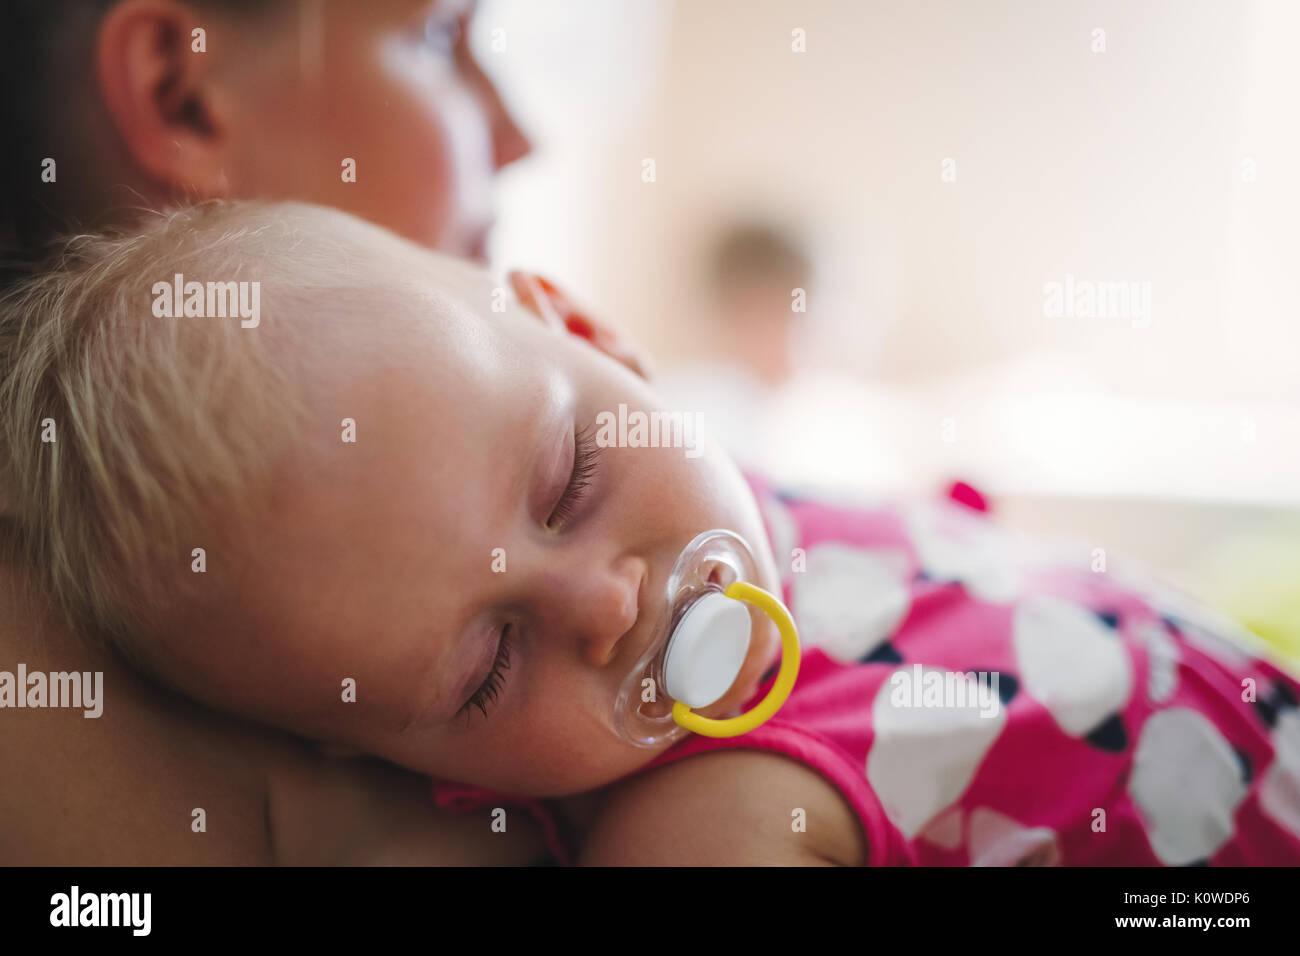 Junge Mutter hält ihr schlafendes Neugeborenes Stockbild